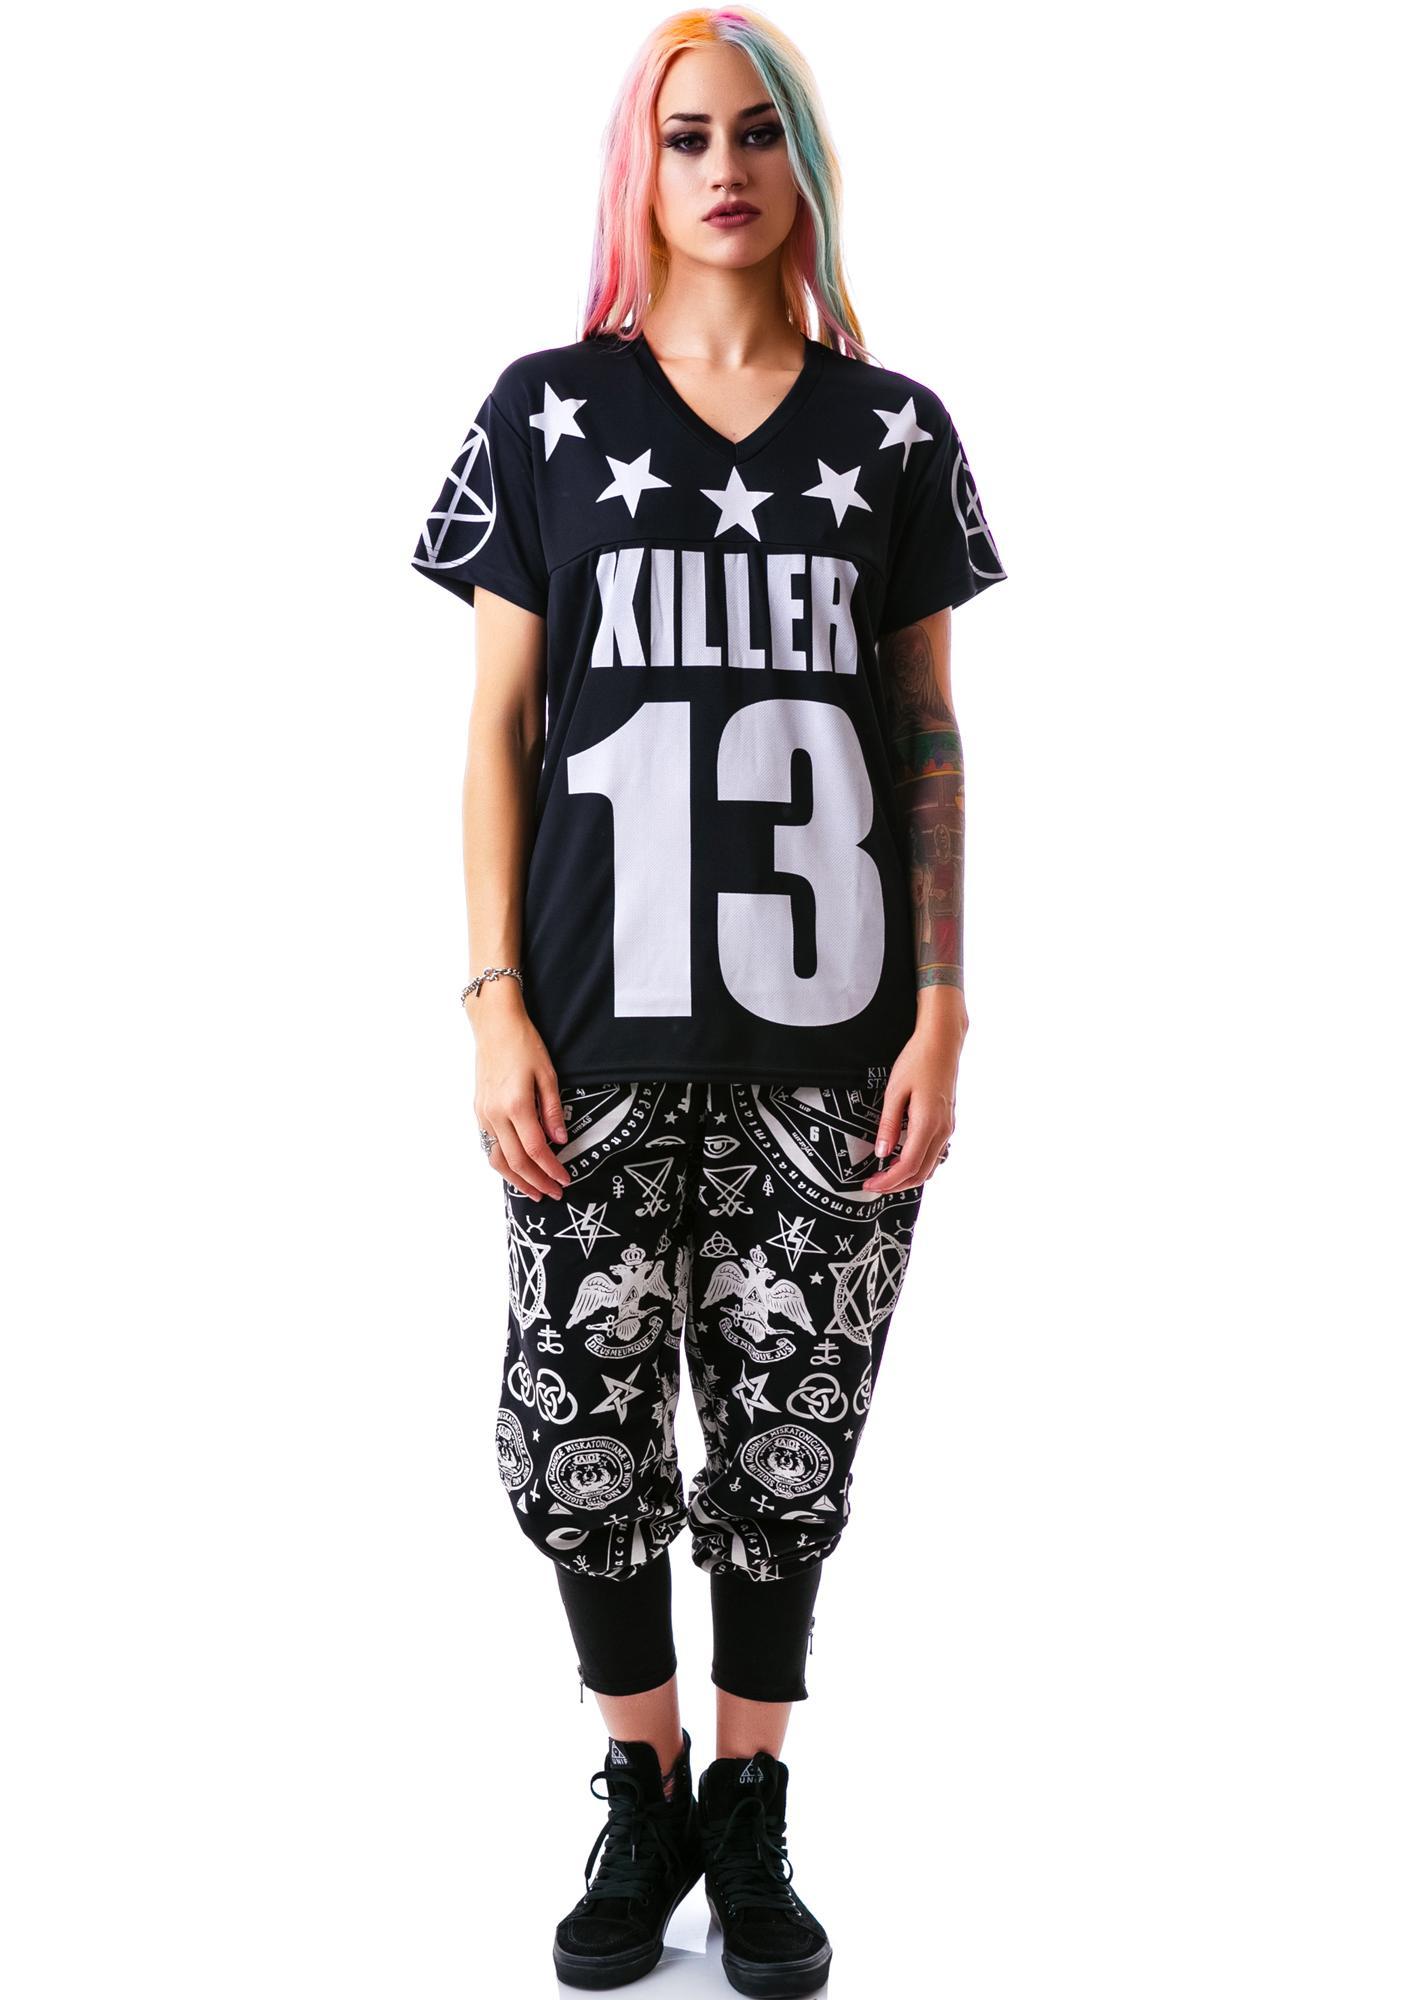 Killstar Killer Hockey Tee